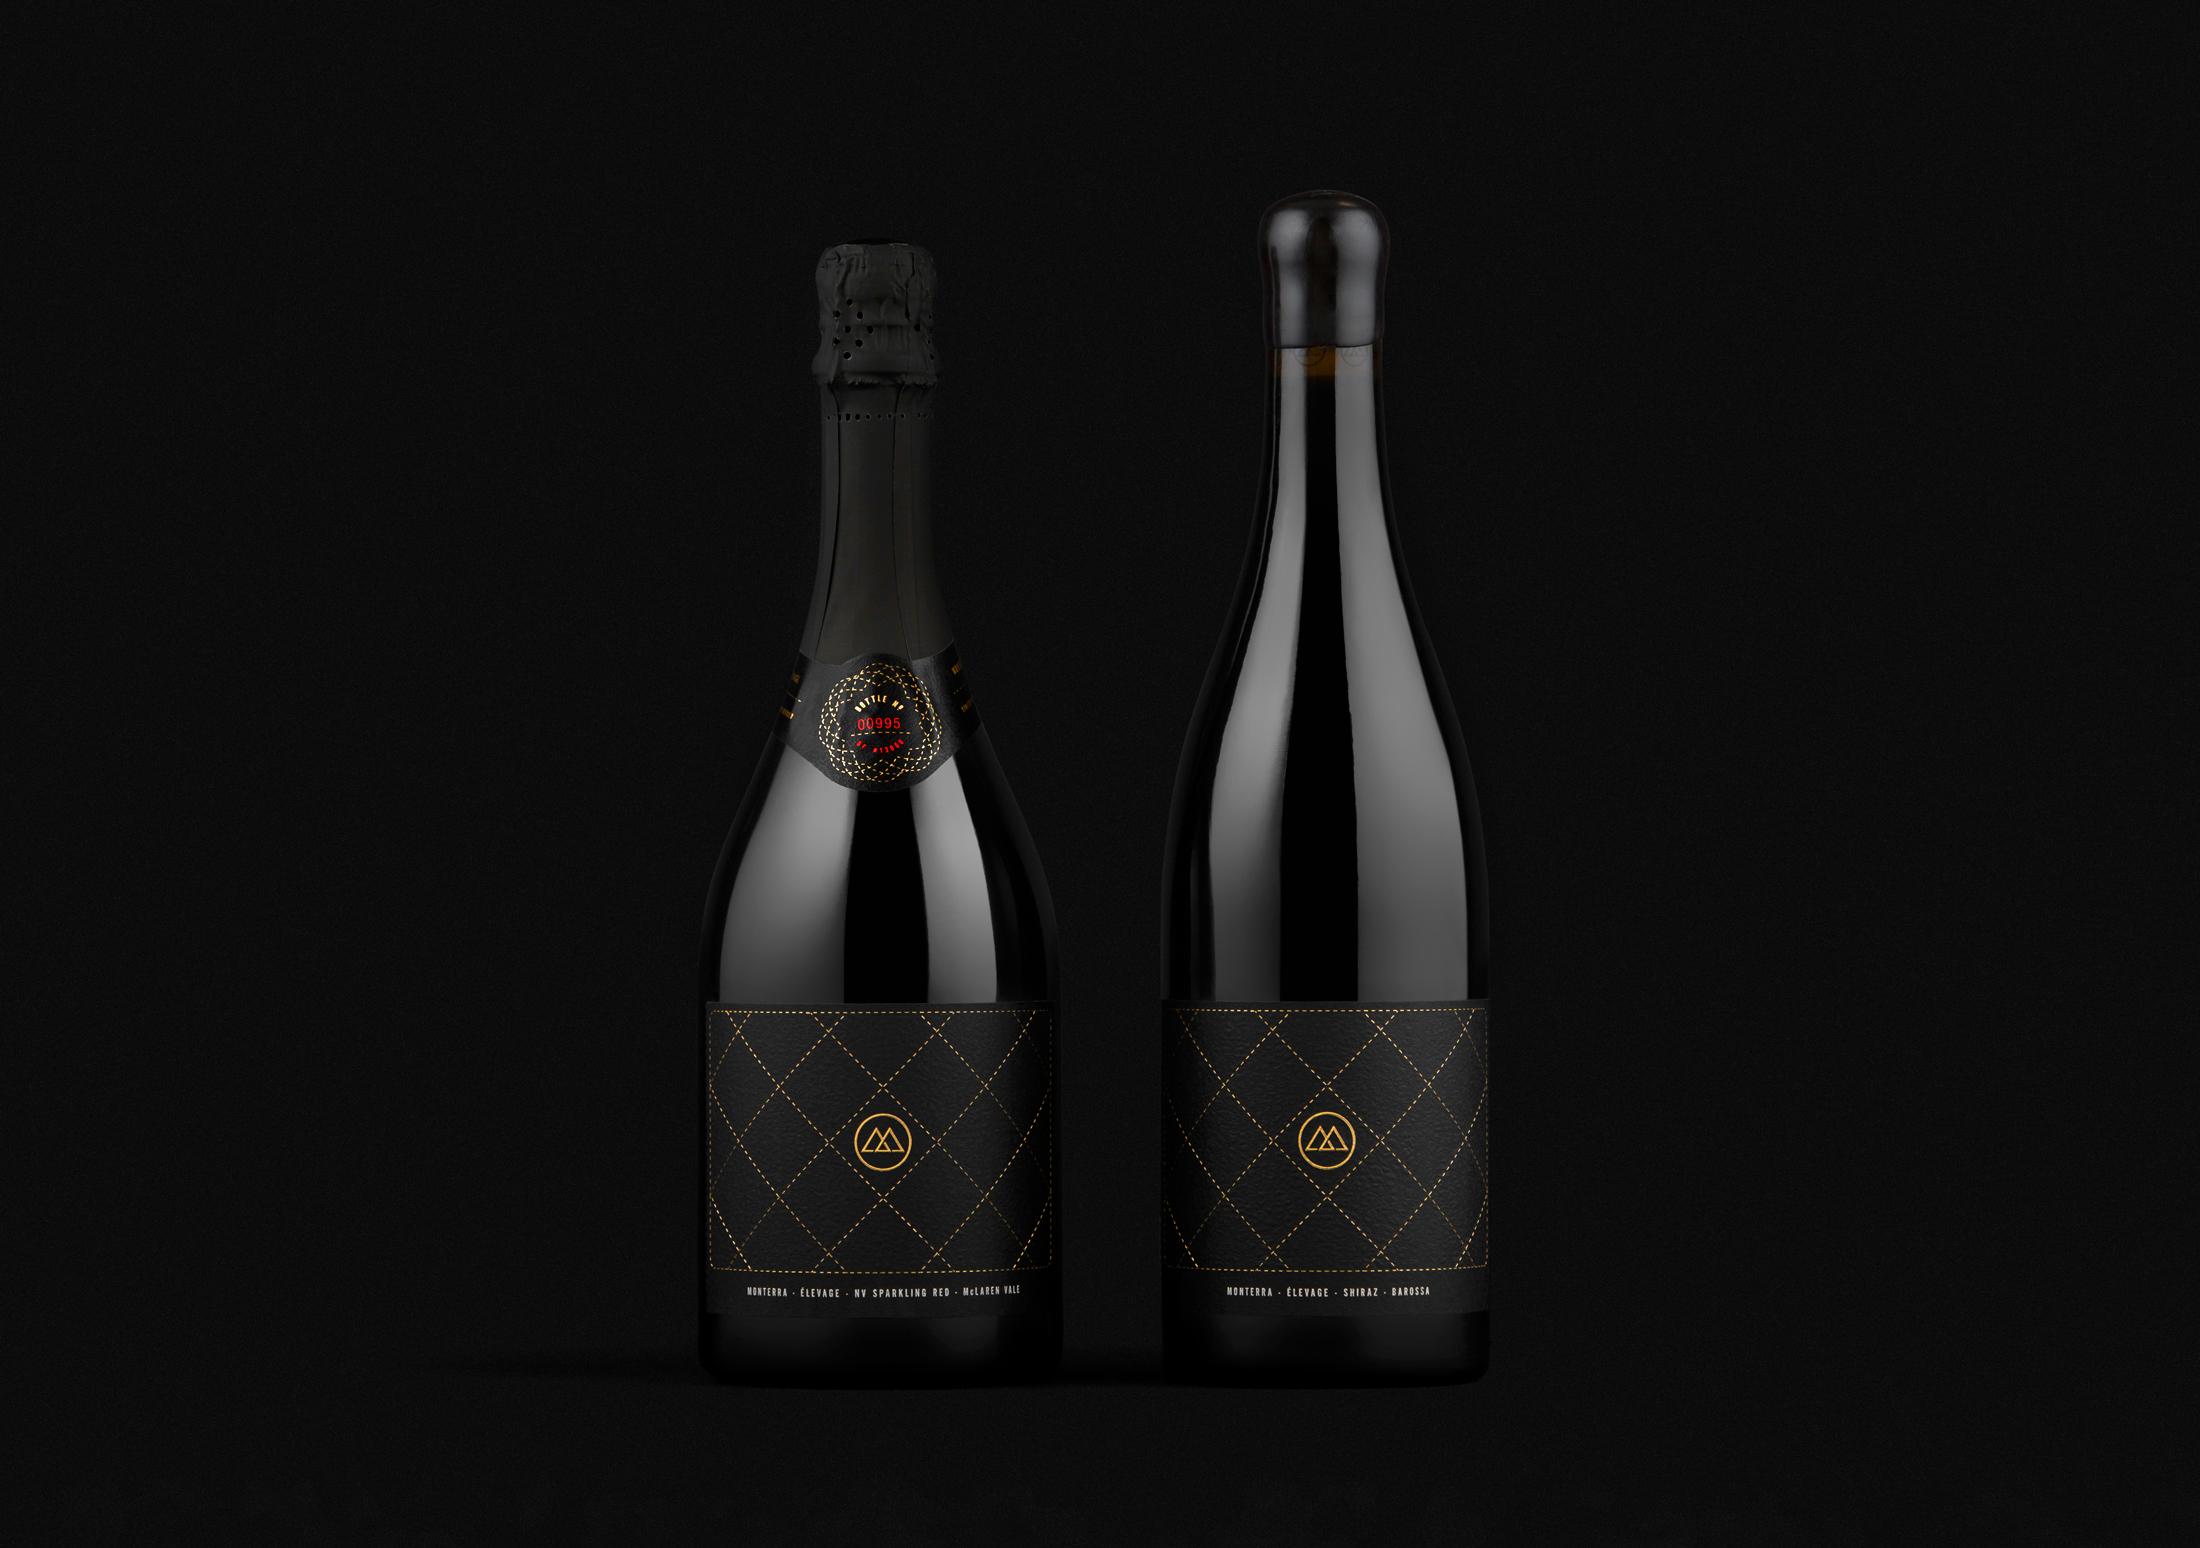 David Byerlee Design Creates New 'Élevage' Series for Monterra